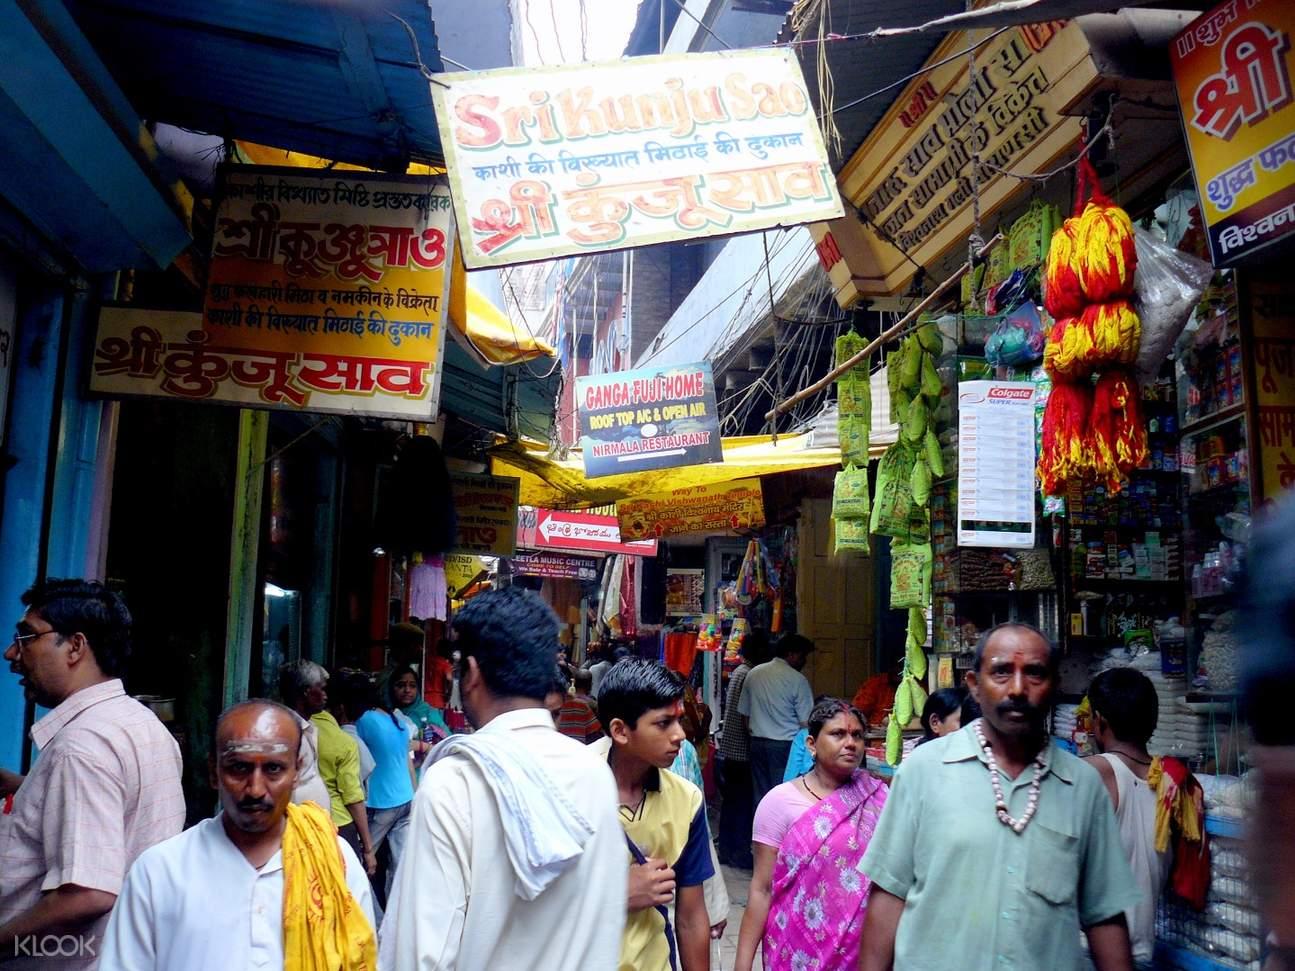 Vishwanath Gali in Varanasi